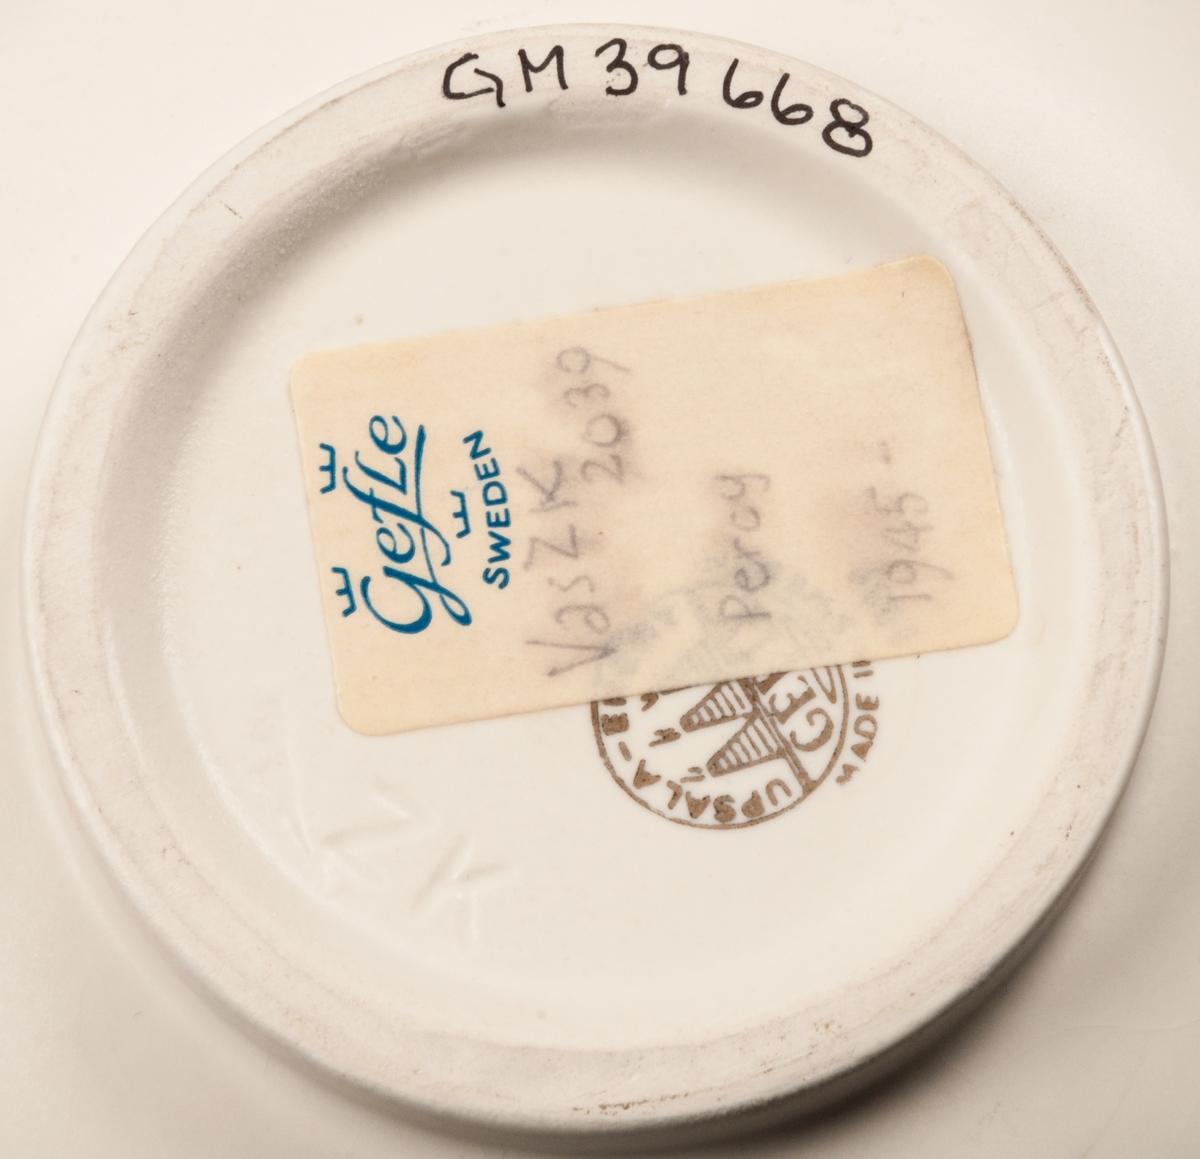 Vas med prickig gyllene dekor. Klotrund med smal hals. Etikett under: Modell ZK 2039 Percy 1945-  Stämplad: Upsala-Ekeby GEFLE Made in Sweden